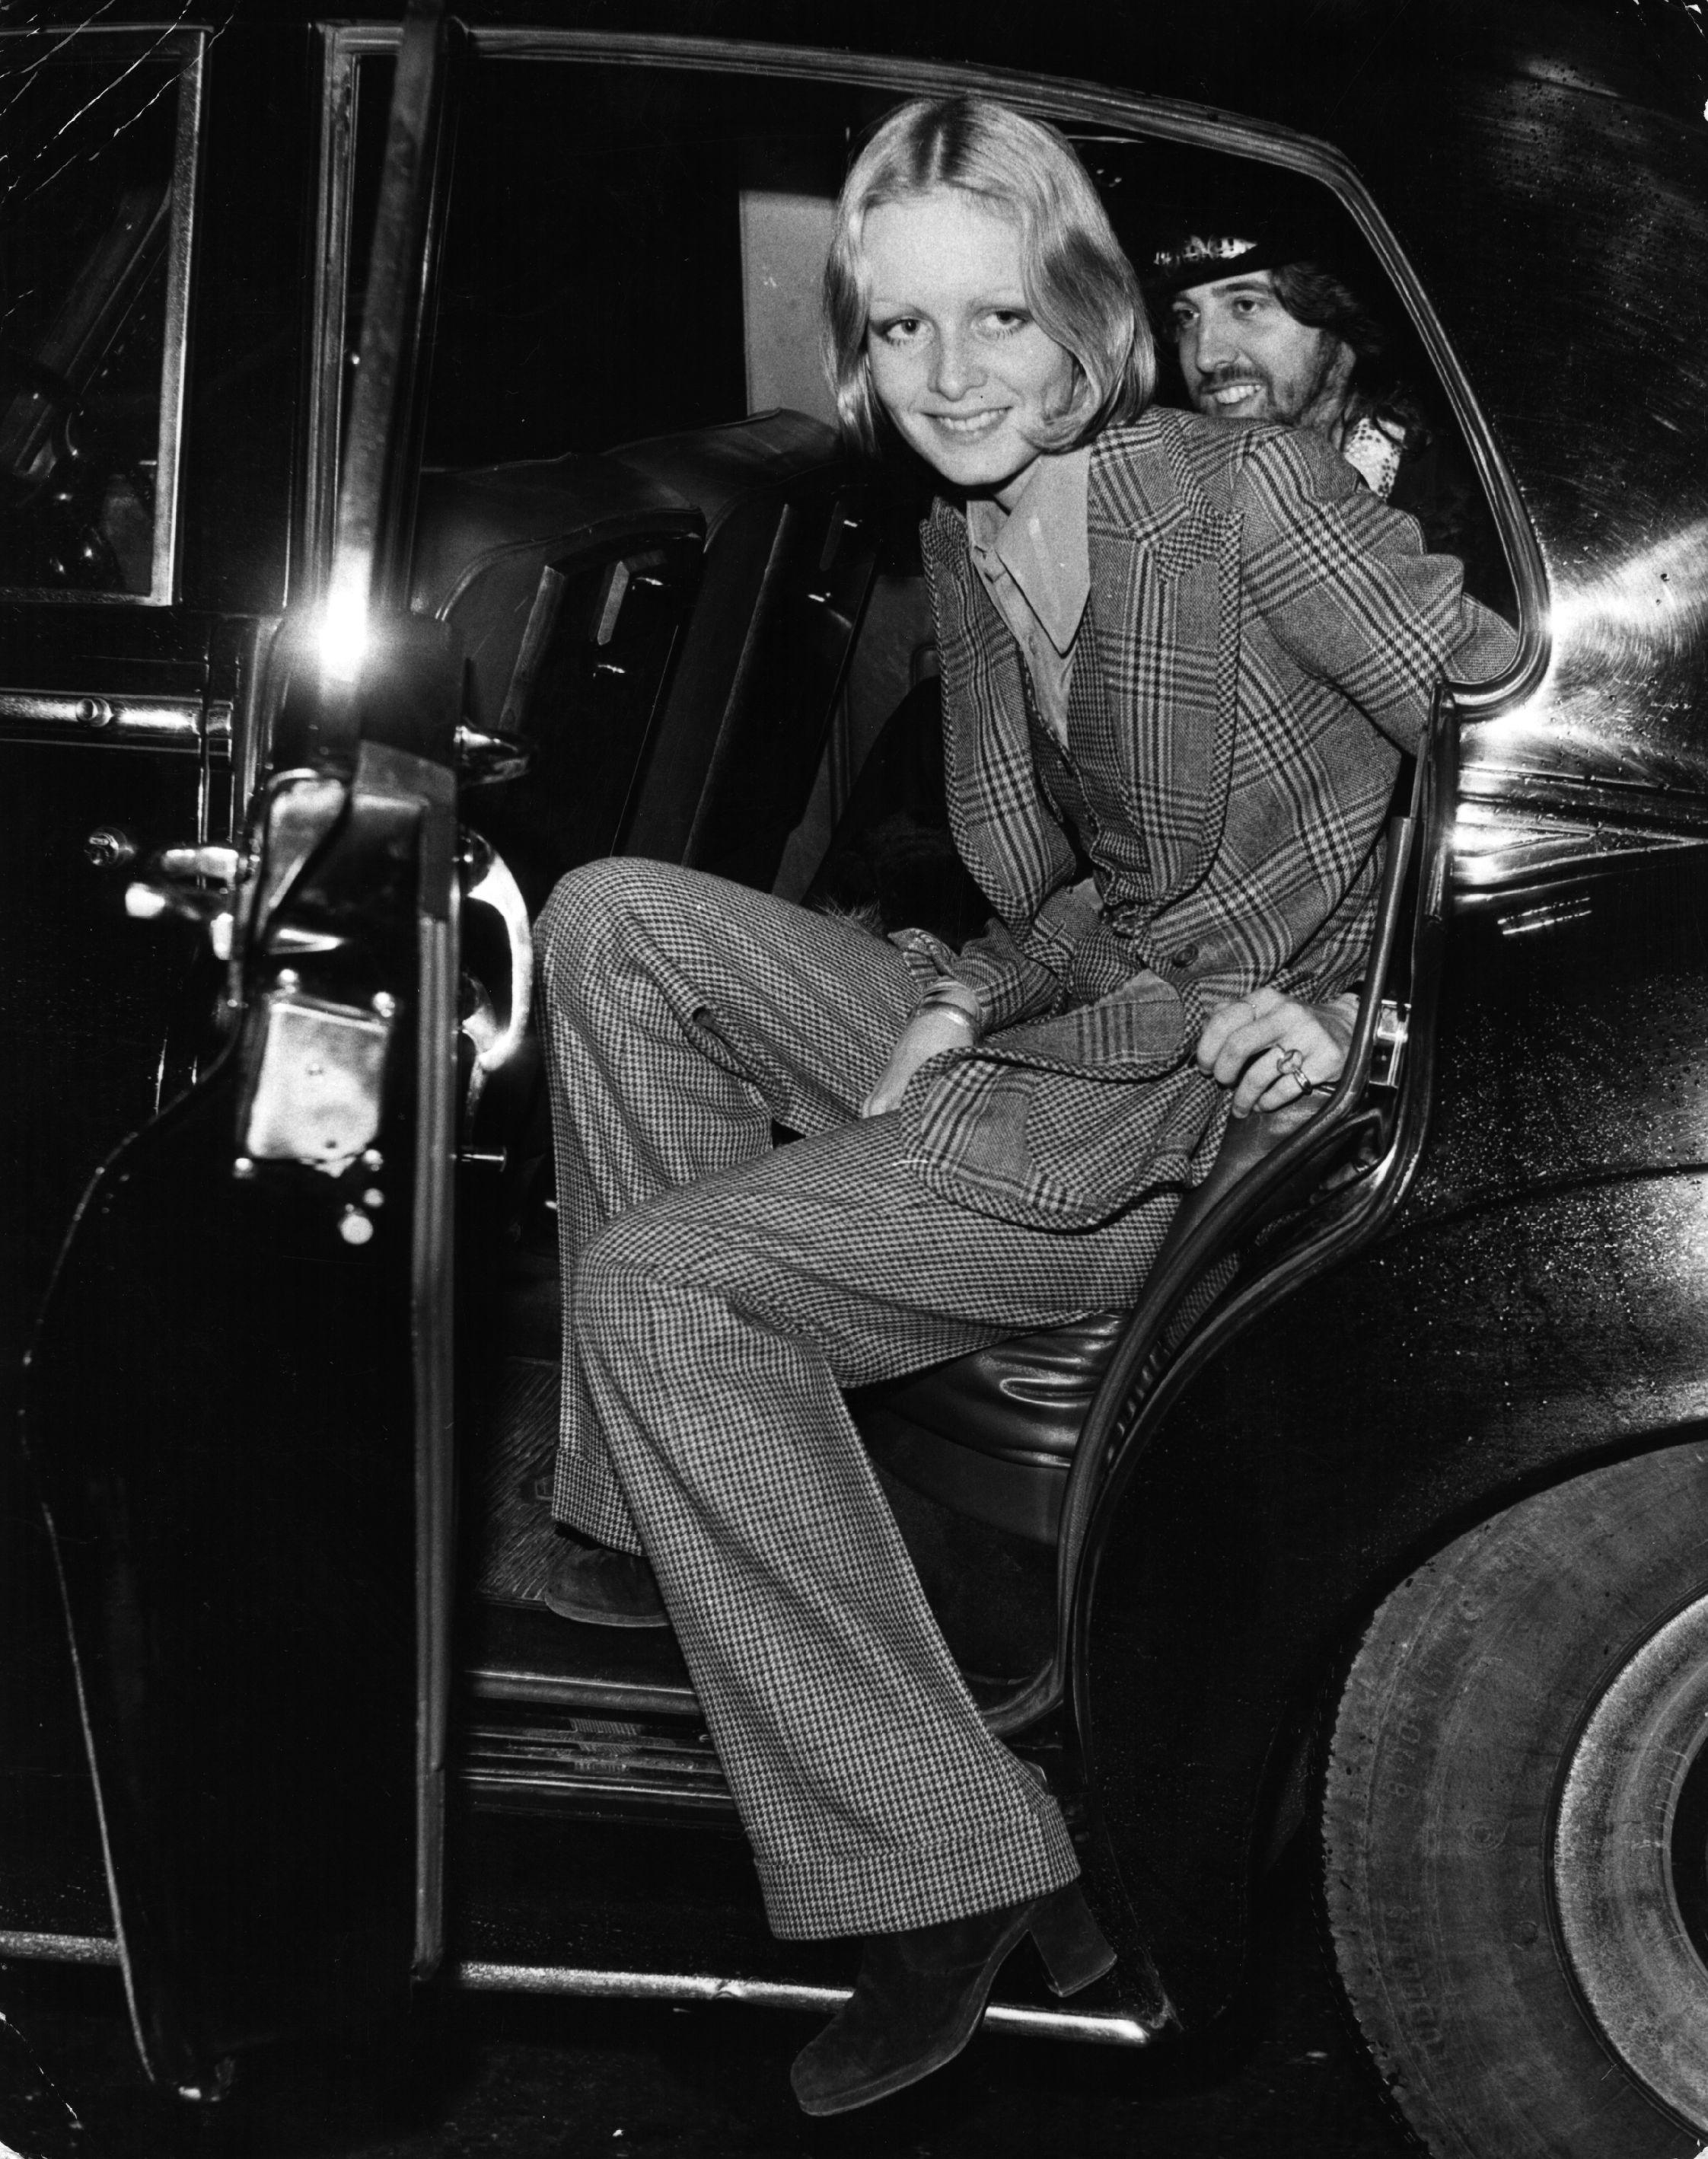 Костюм, който е с широки панталони и сако, са много модерни сред младите момичета през 1971 г